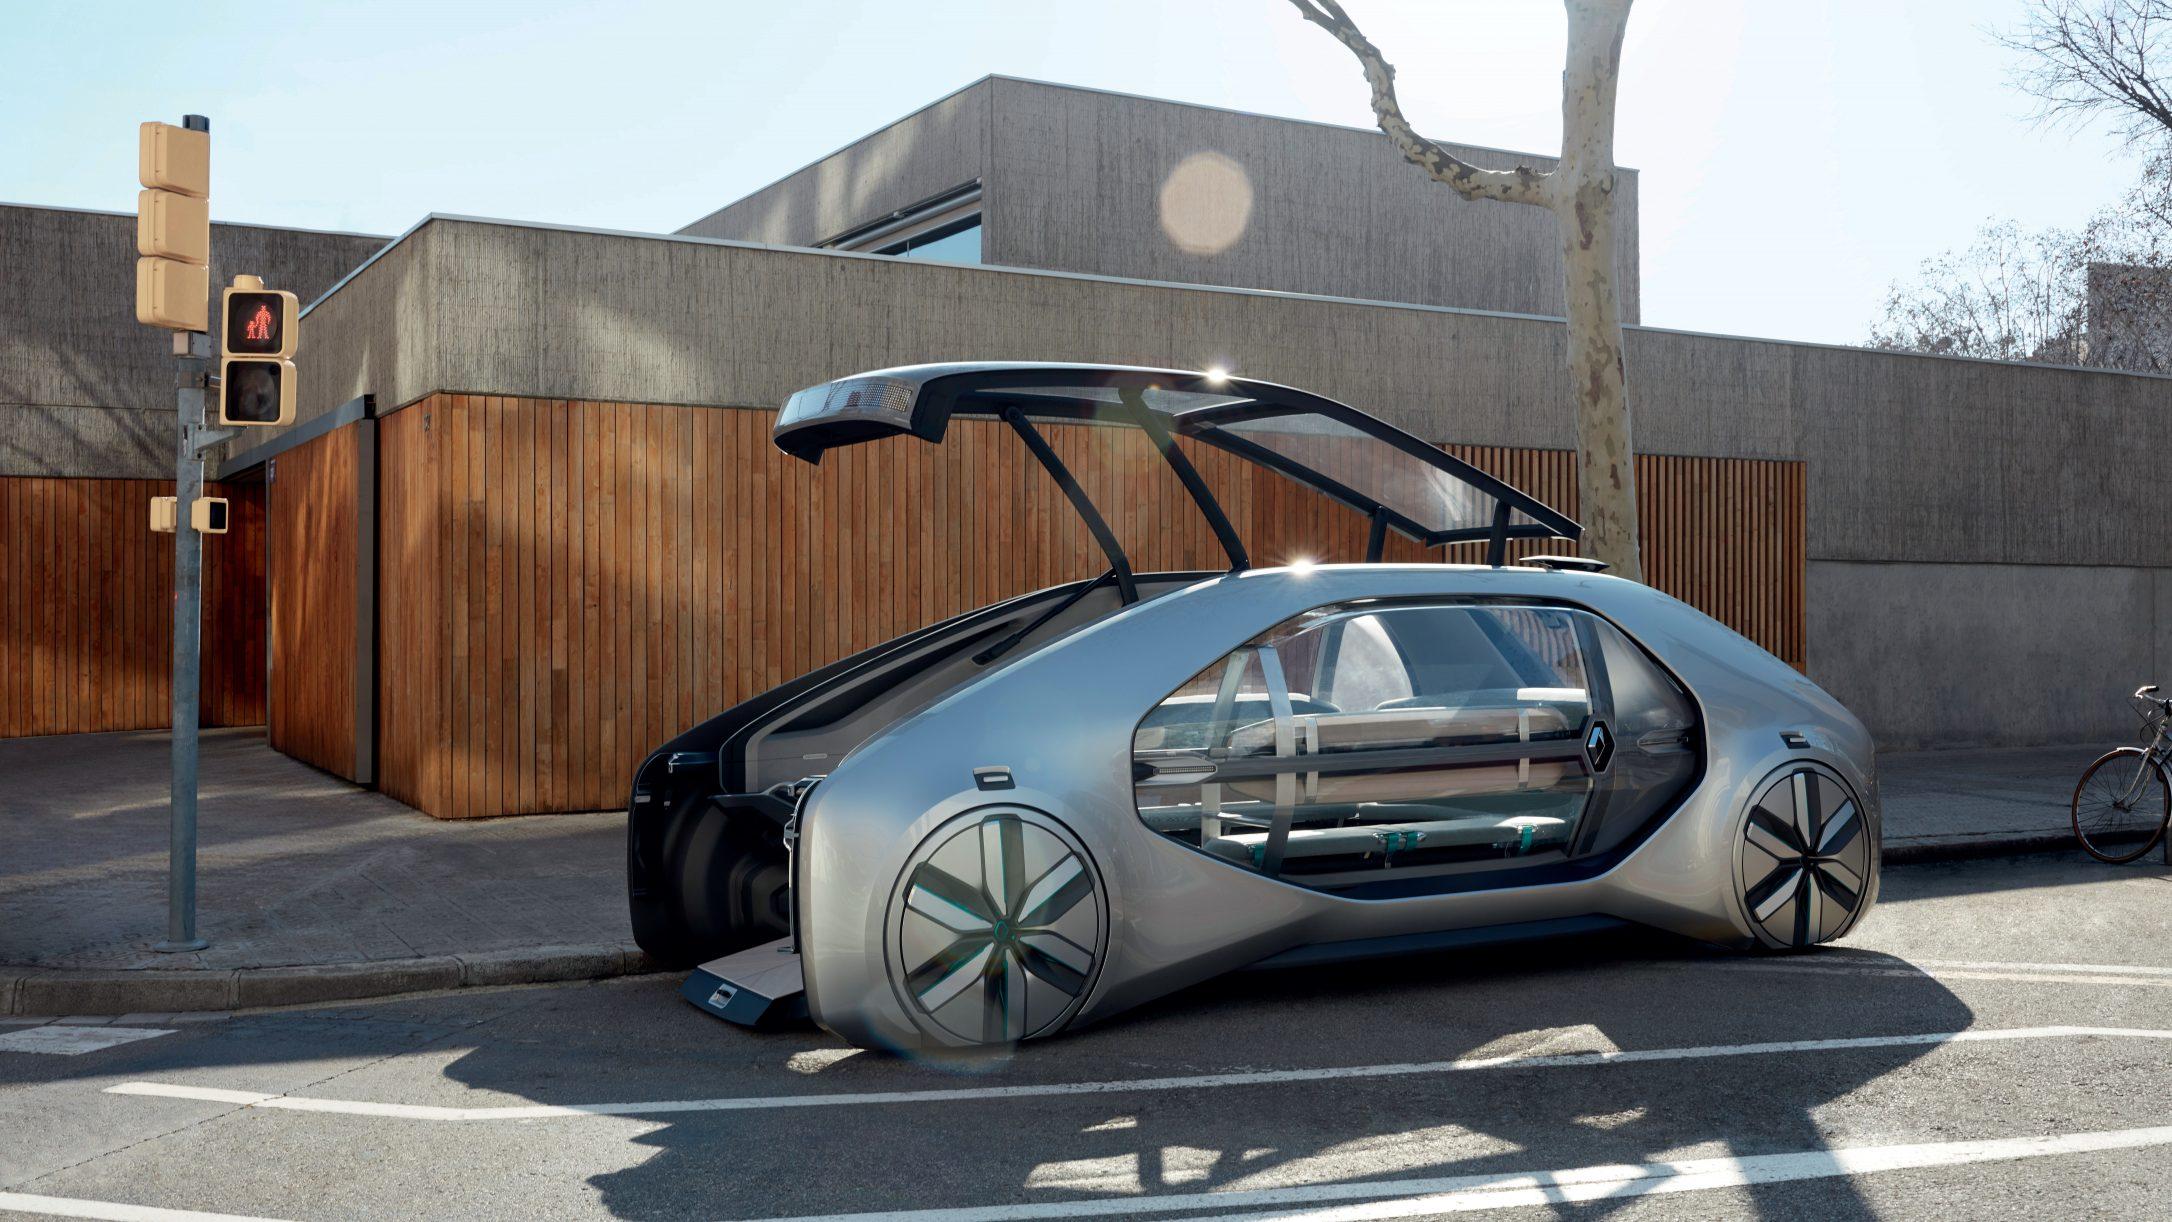 Renault unveils EZ-GO, a level 4 autonomous ridesharing